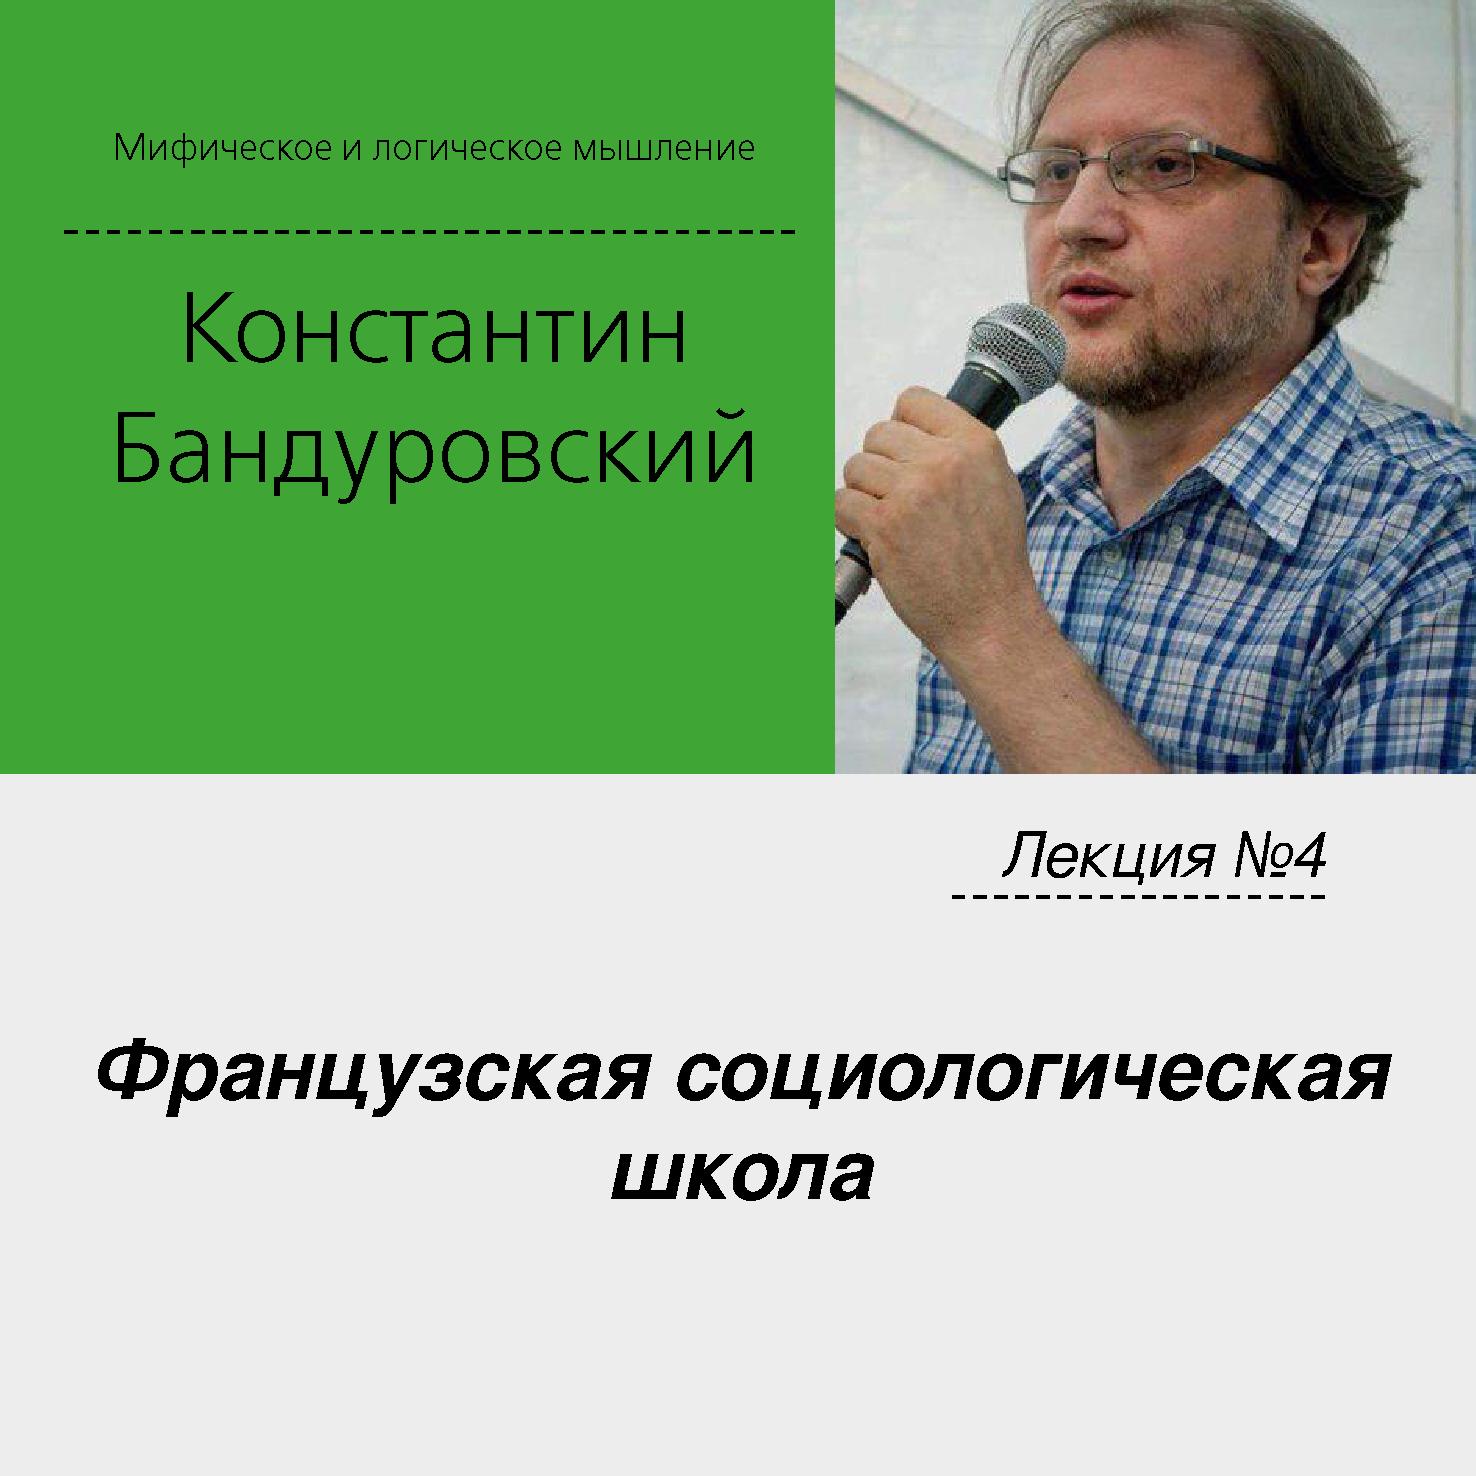 Константин Бандуровский Лекция №4 «Французская социологическая школа»